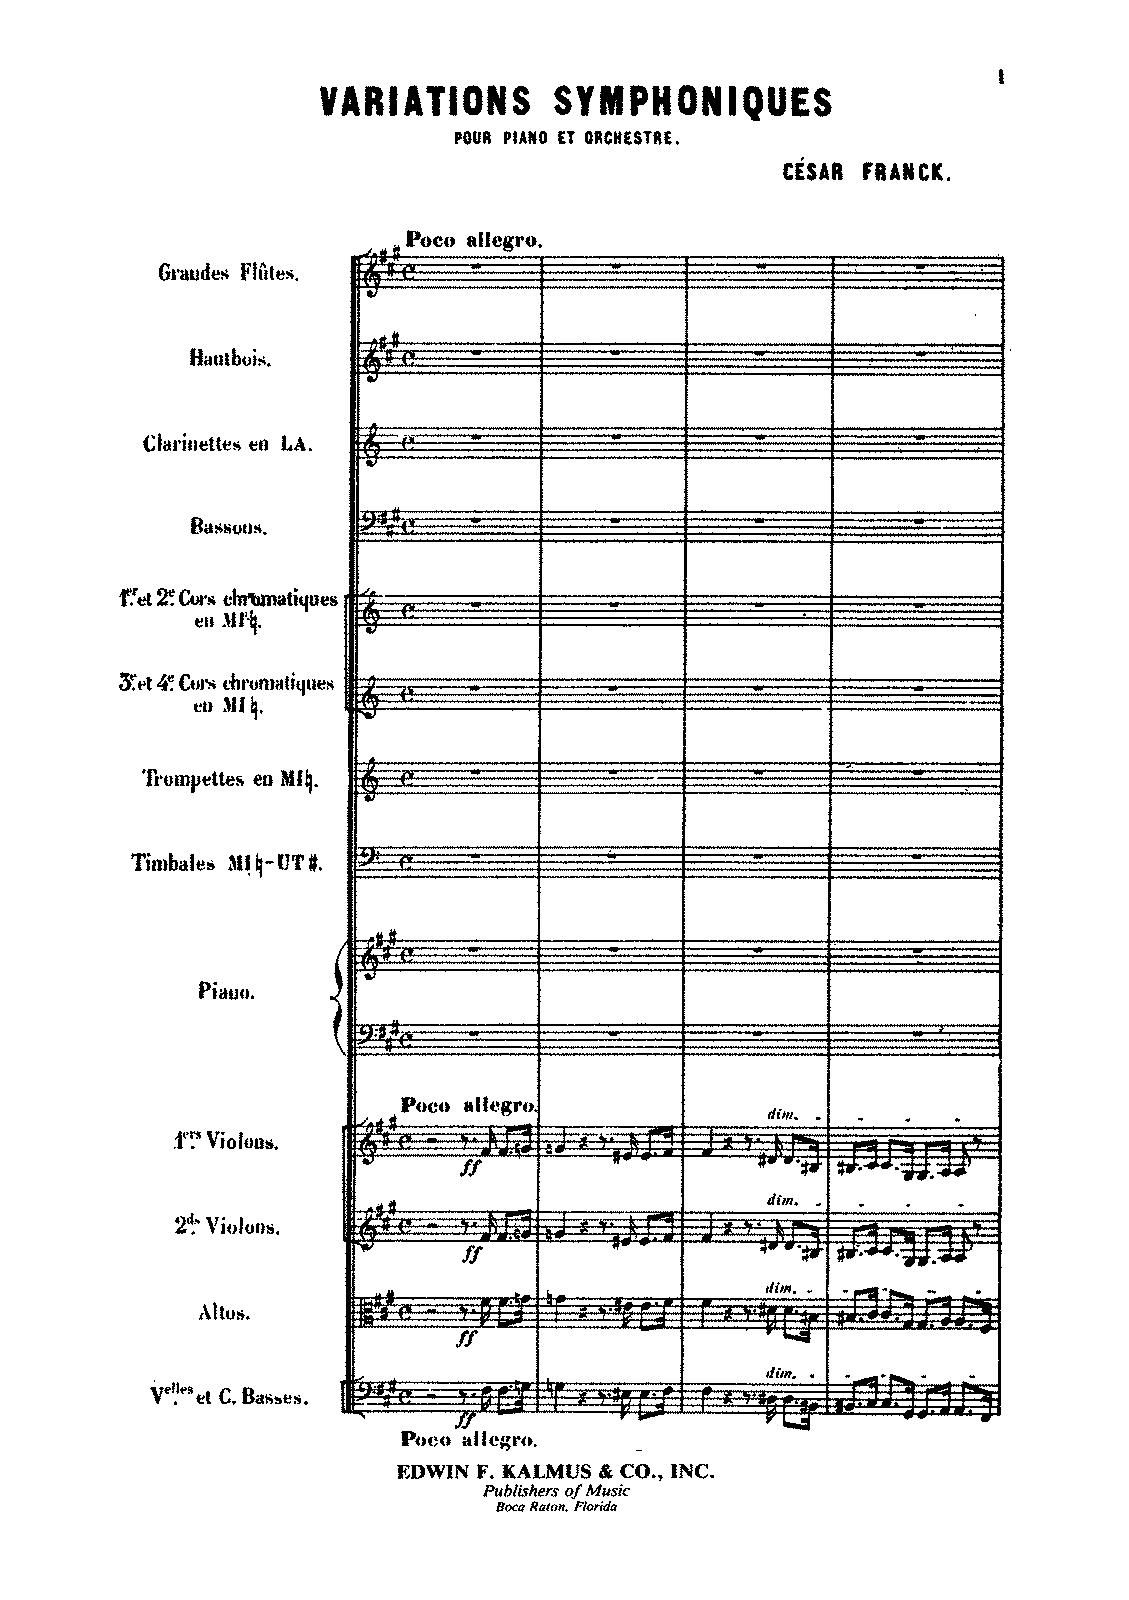 Franck, Variations symphoniques